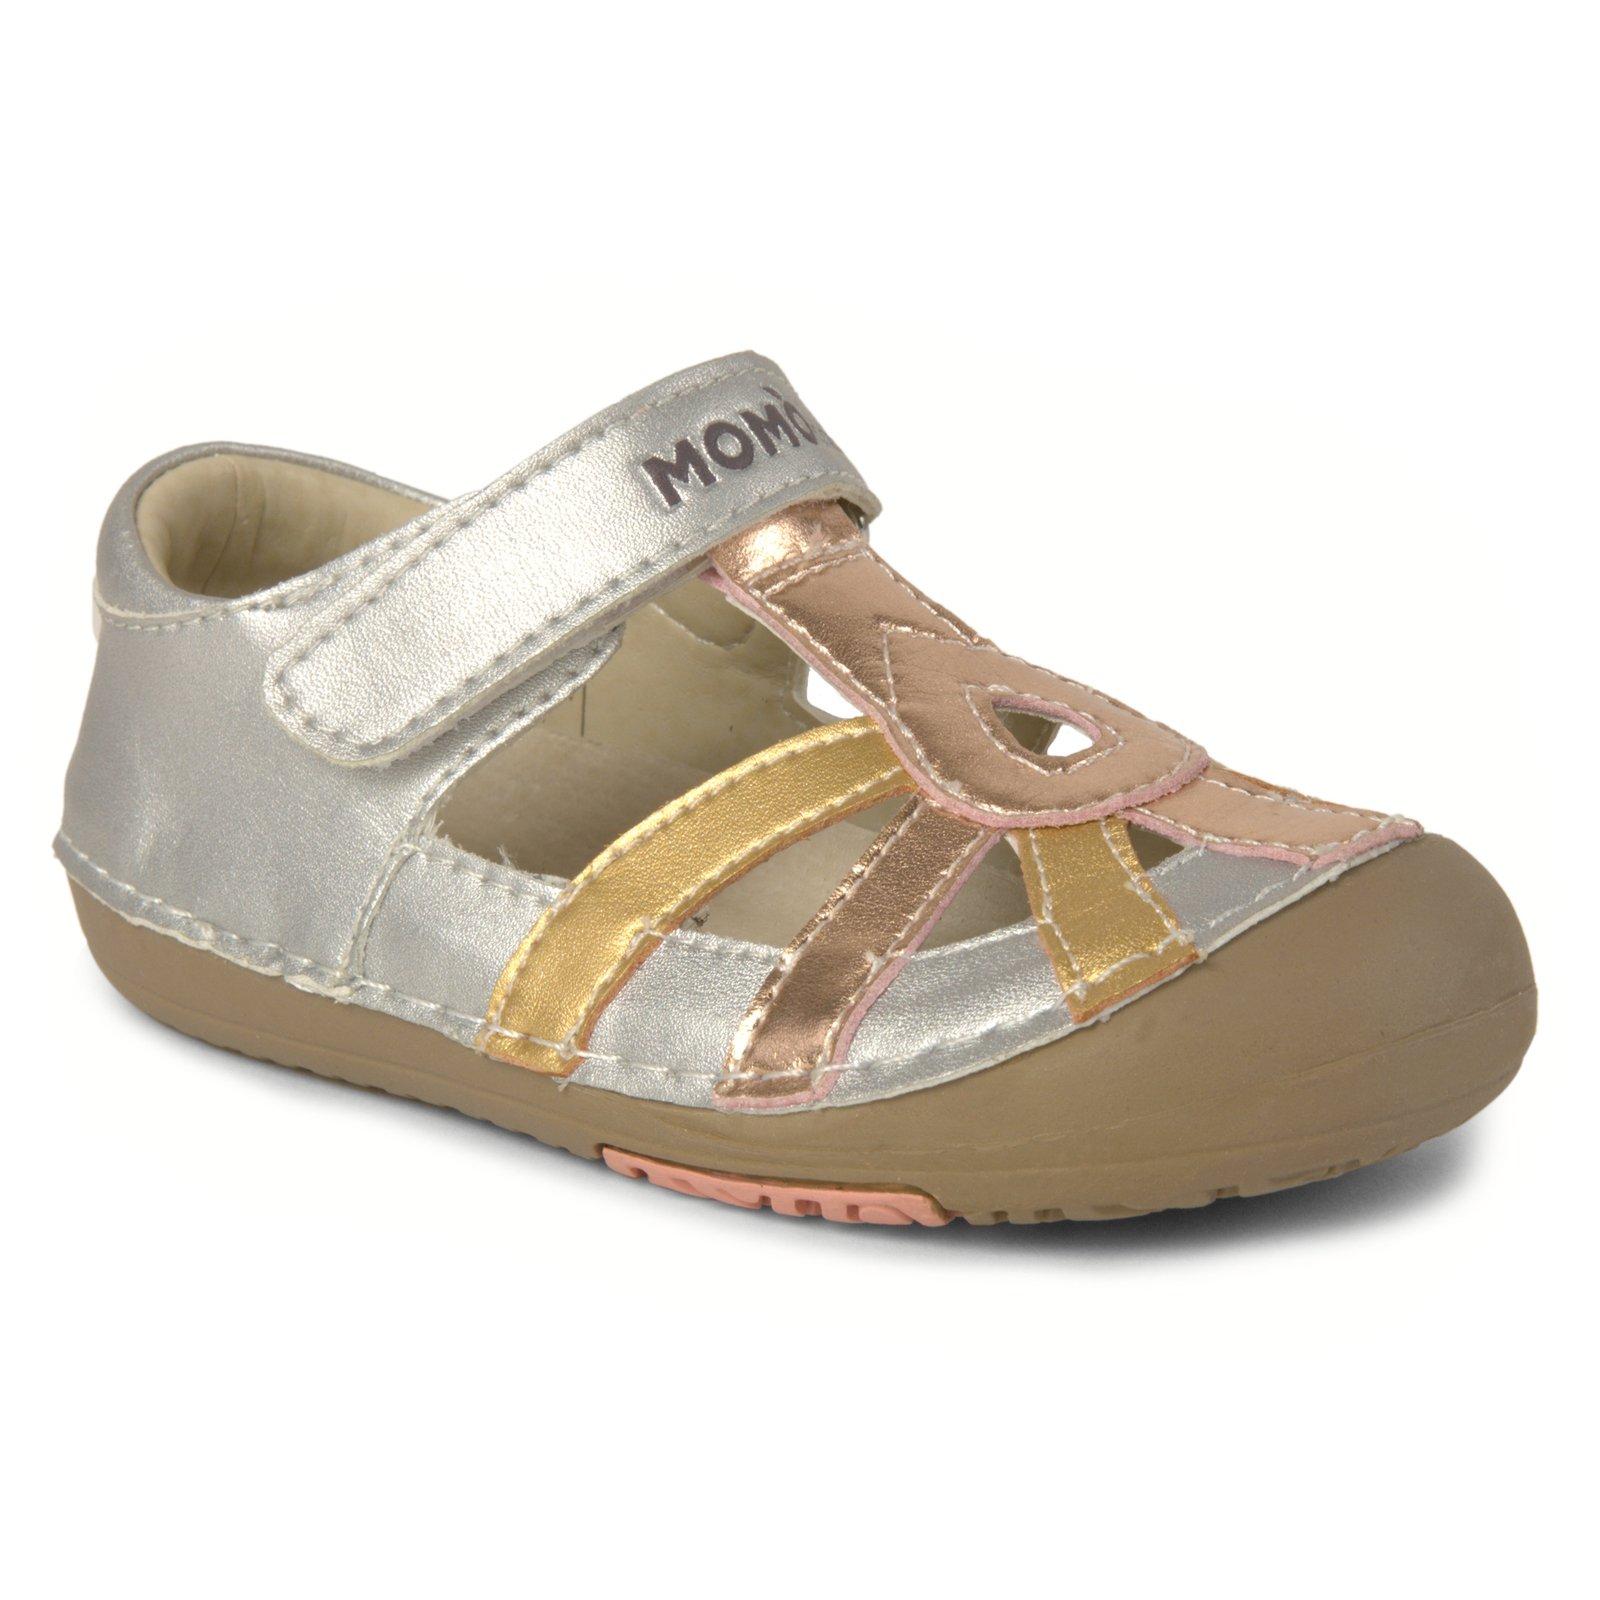 Momo Baby Girls First Walker/Toddler Metallic Silver Sandal Shoes - 8 M US Toddler